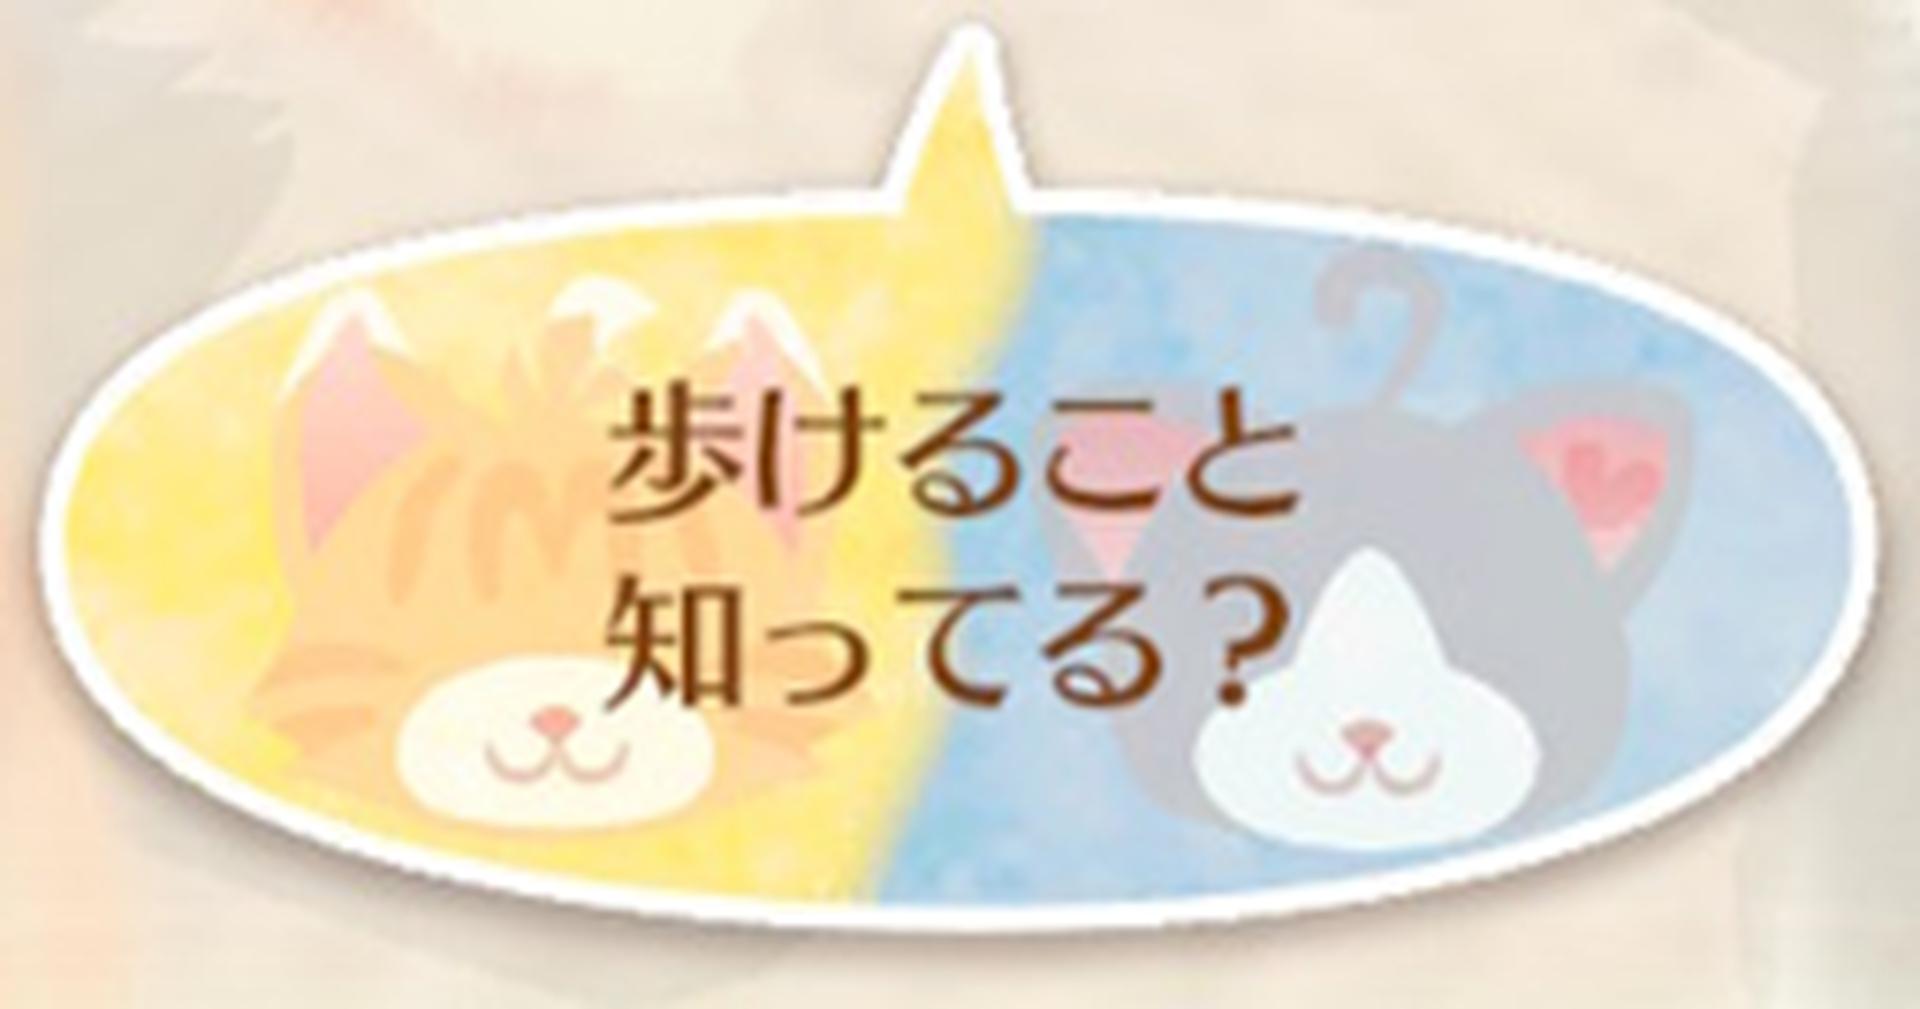 話題のタイトルとおしゃべりするネコが表示される